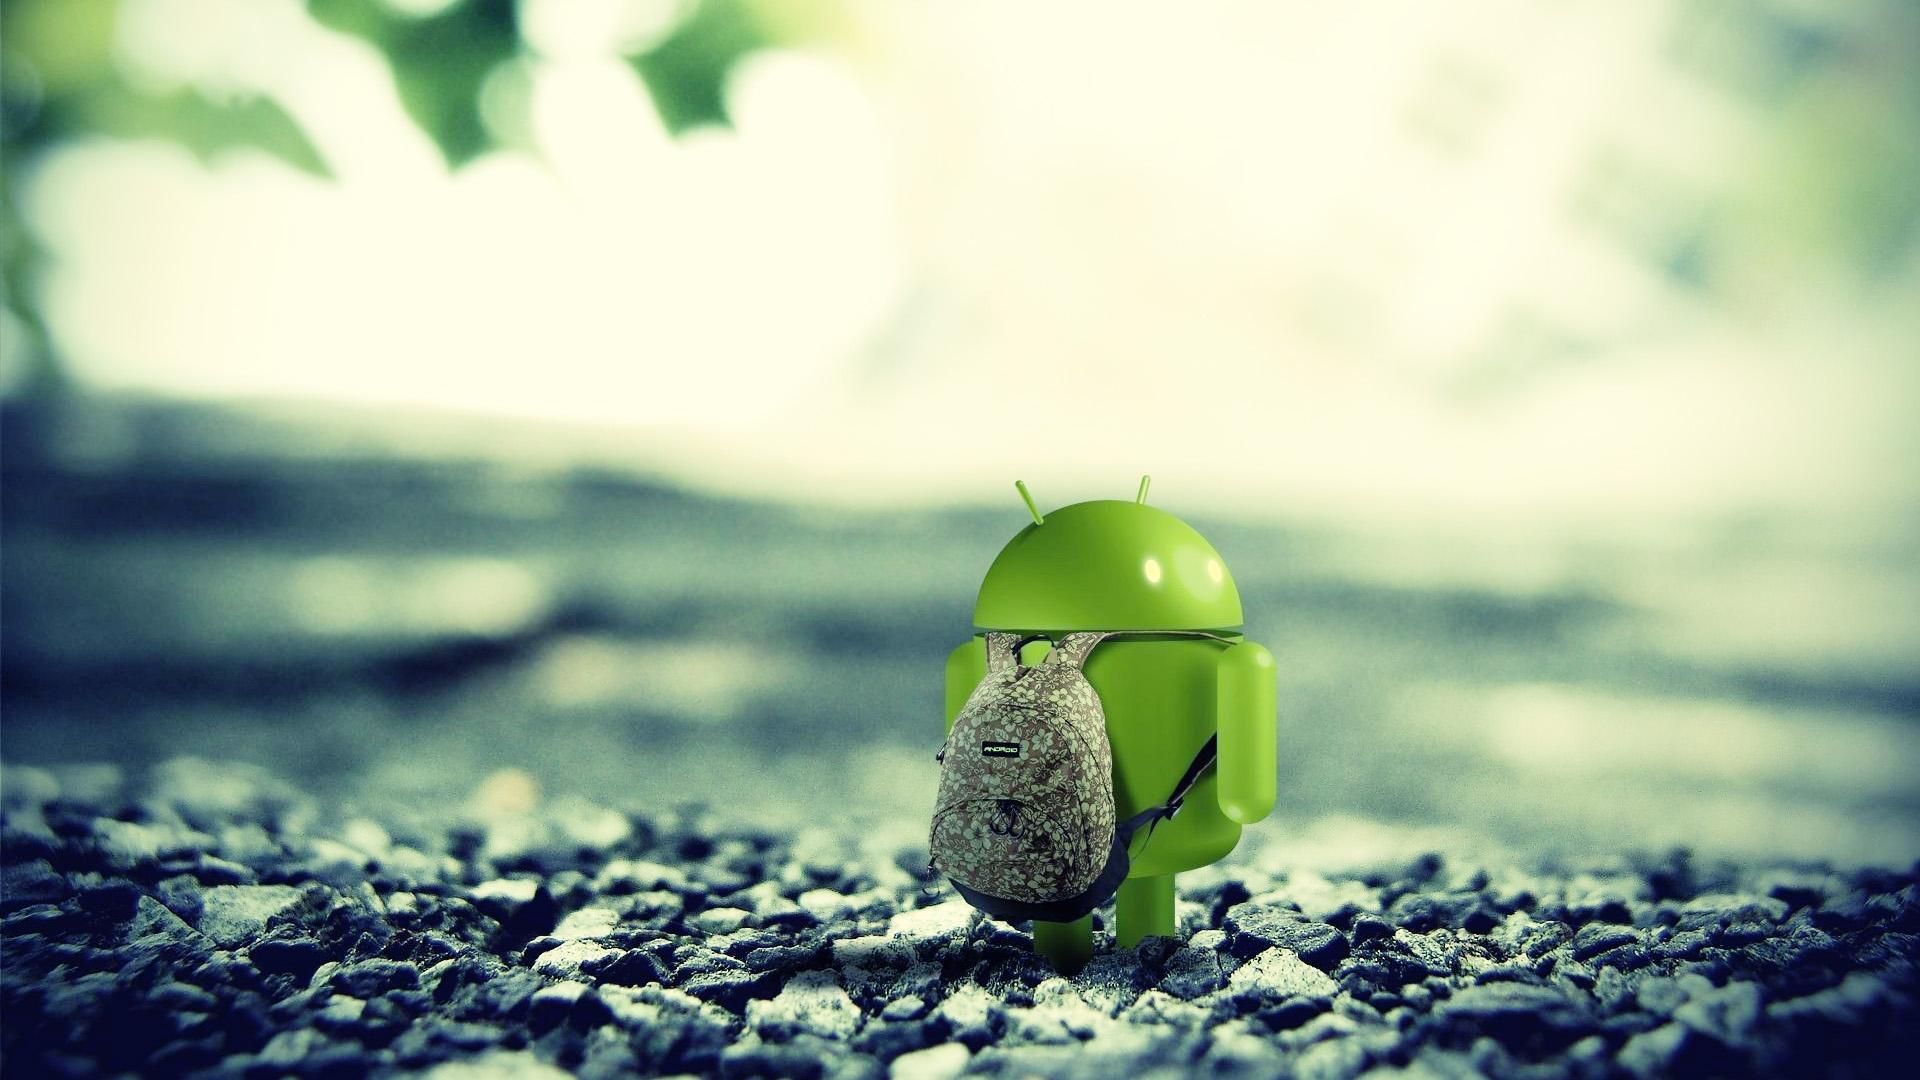 bild 6 13 android wallpaper android wallpaper android wallpaper bild 1920x1080